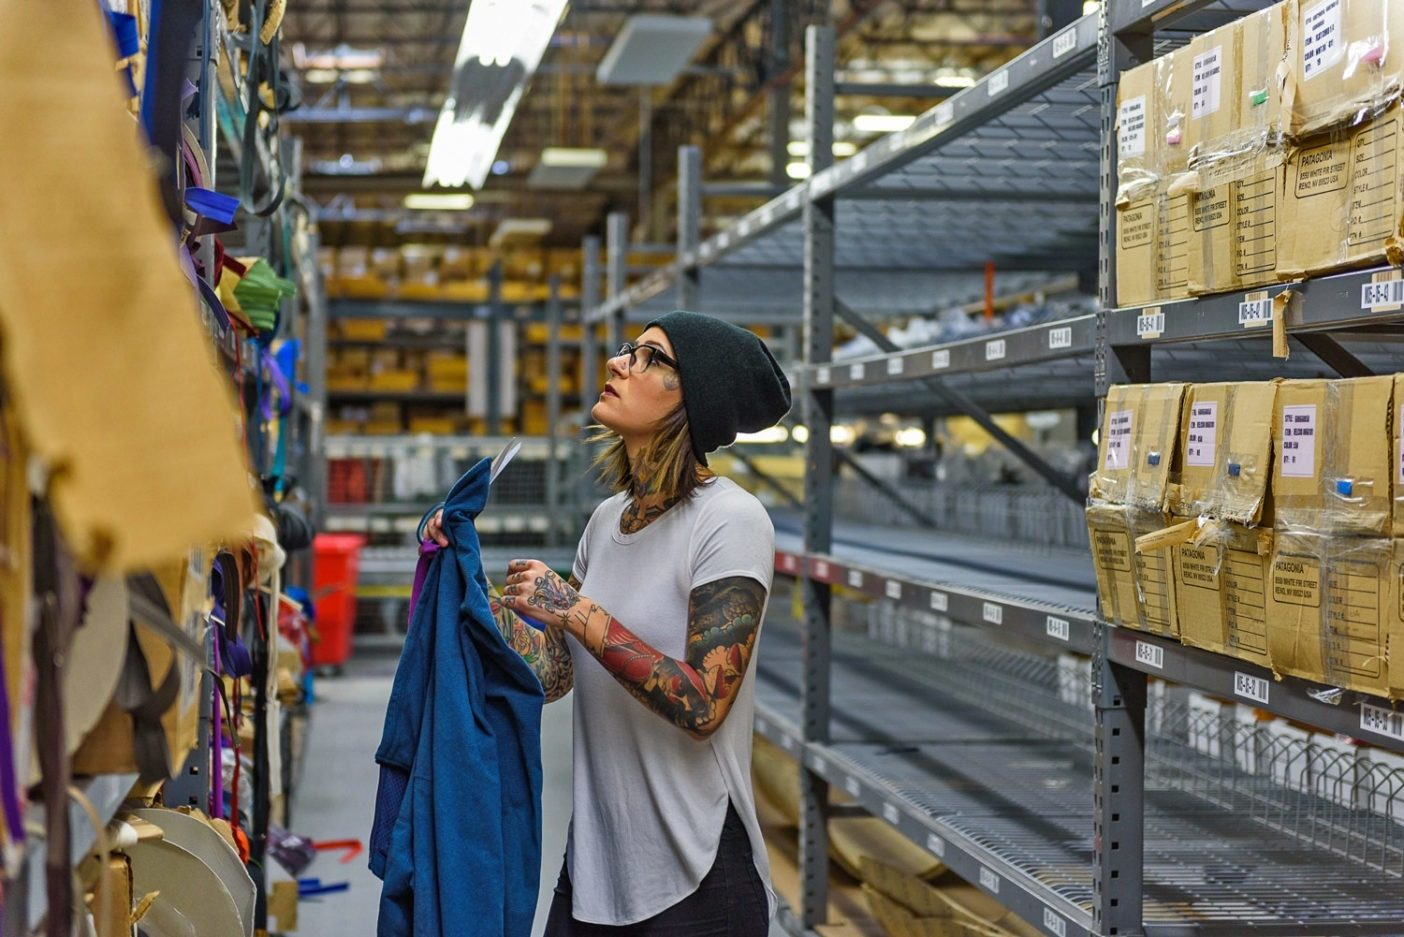 衣類にマッチする飾り付け(ジッパー、ボタン、ジッパープル)を探すパタゴニアの修理監督、タンヤ・ナウロッキー。Photo: Fred Marmsater